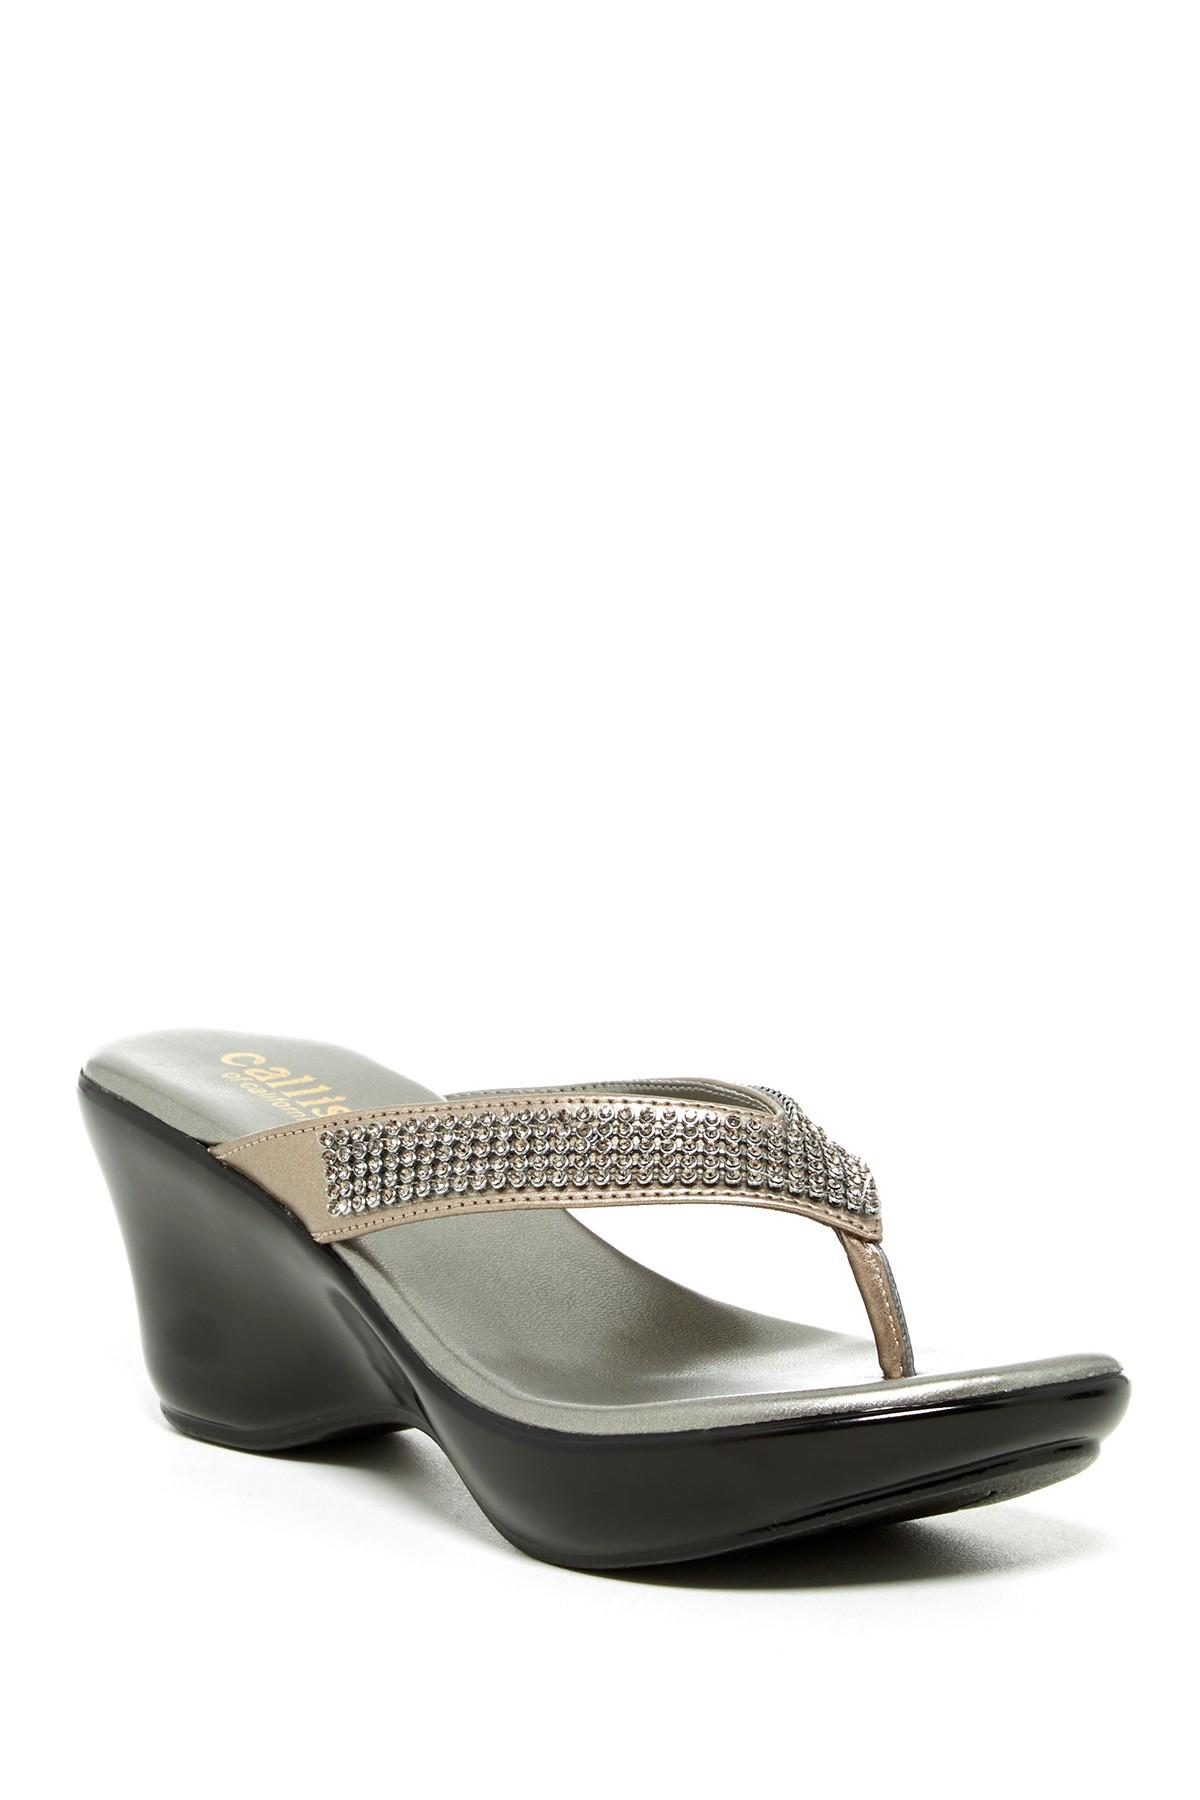 Athena Alexander Desiree Embellished Thong Sandal In